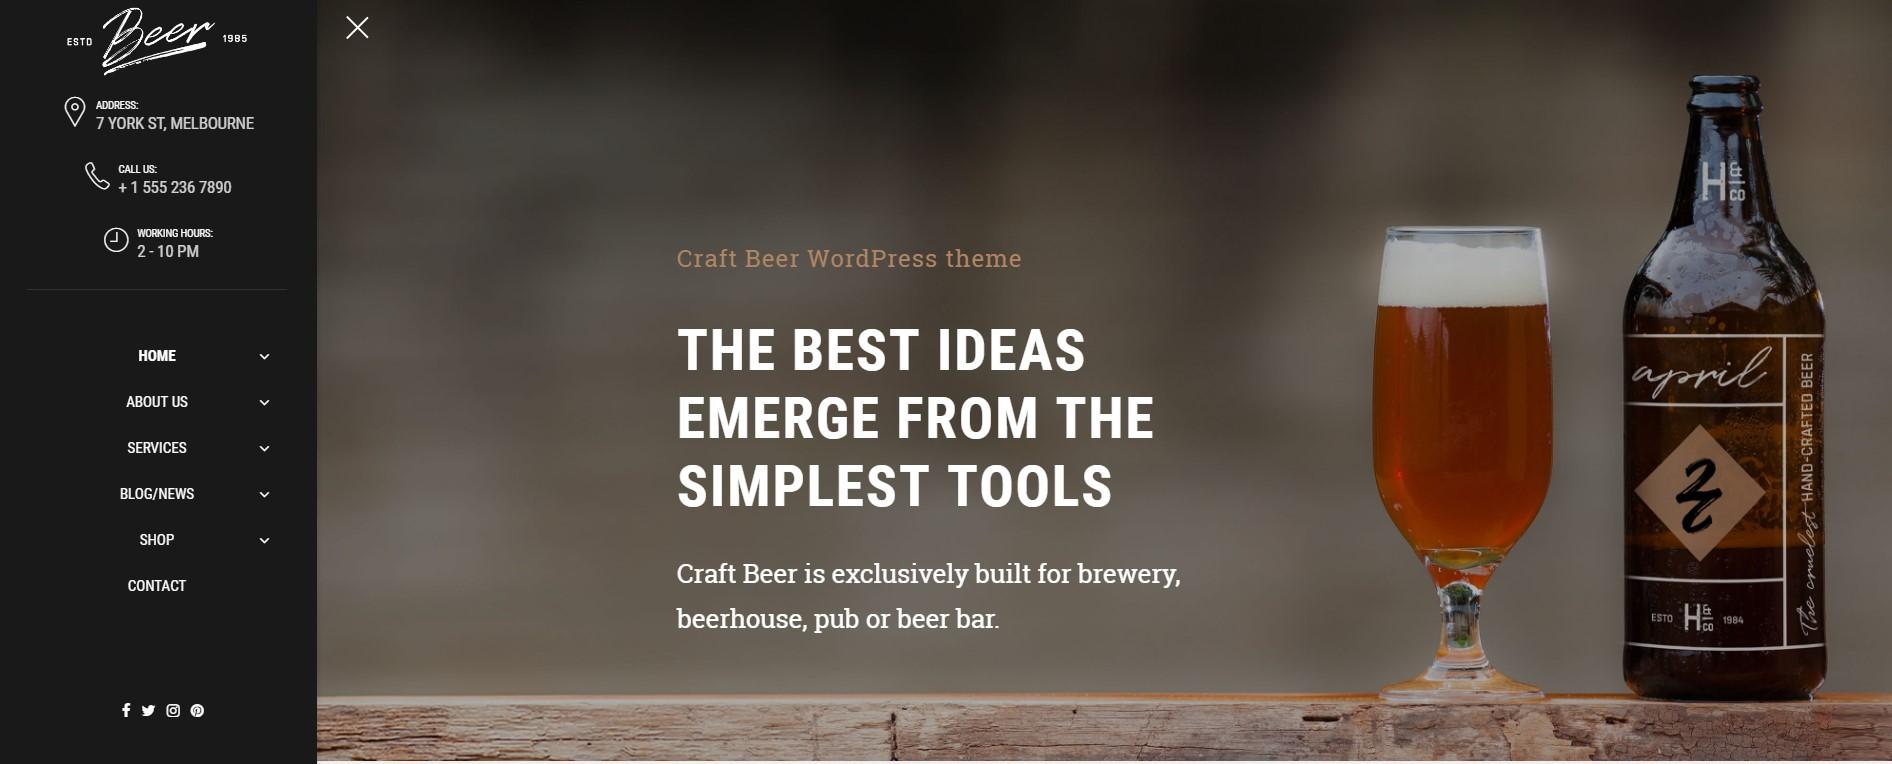 https://documentation.bold-themes.com/craft-beer/wp-content/uploads/sites/17/2017/06/menu-vertical-left.jpg